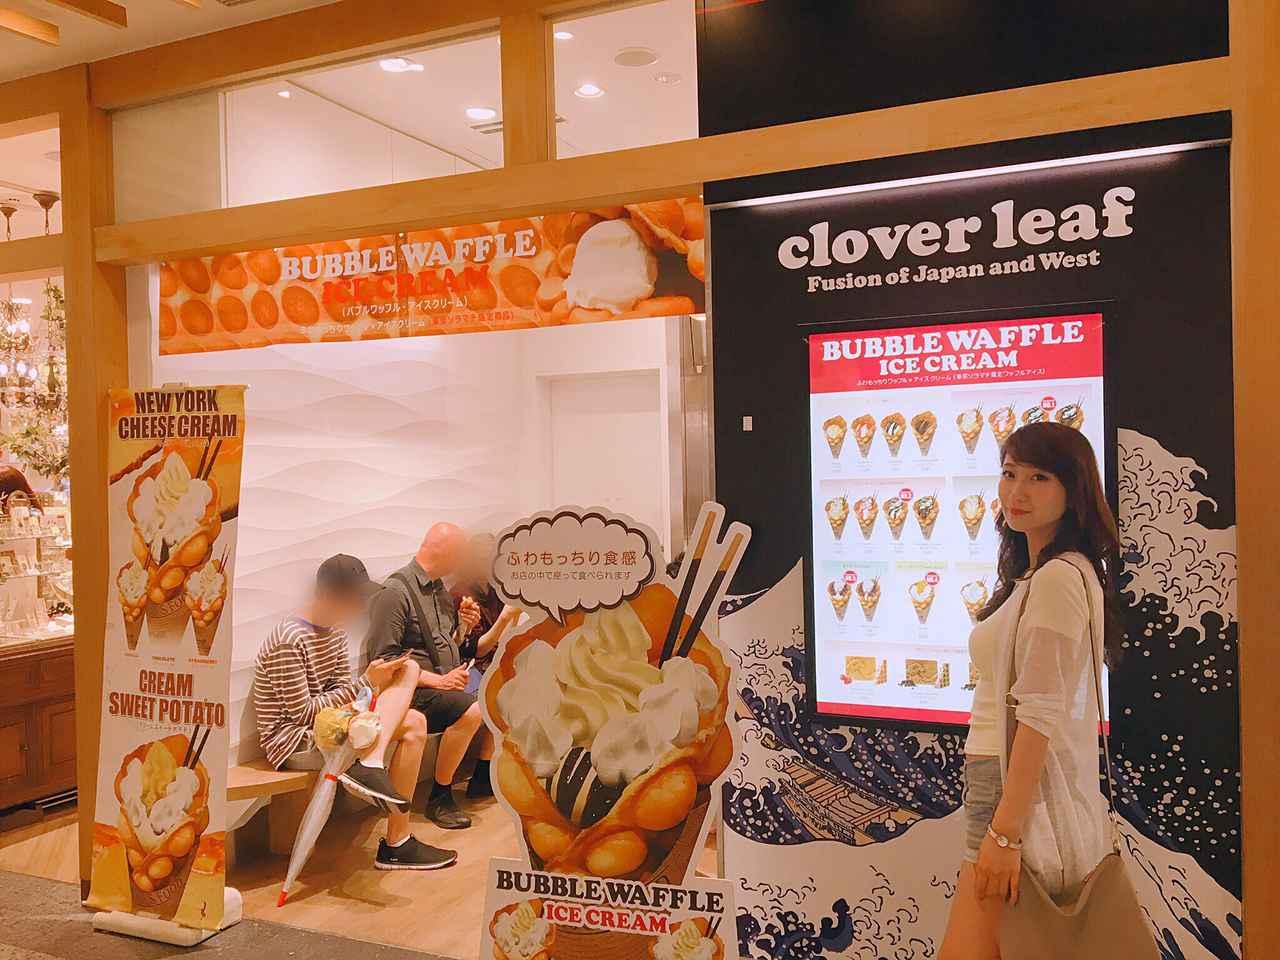 画像4: 東京ソラマチで食べ歩き♡ミク様オススメグルメをご紹介!!【水曜日のミク様番外編】